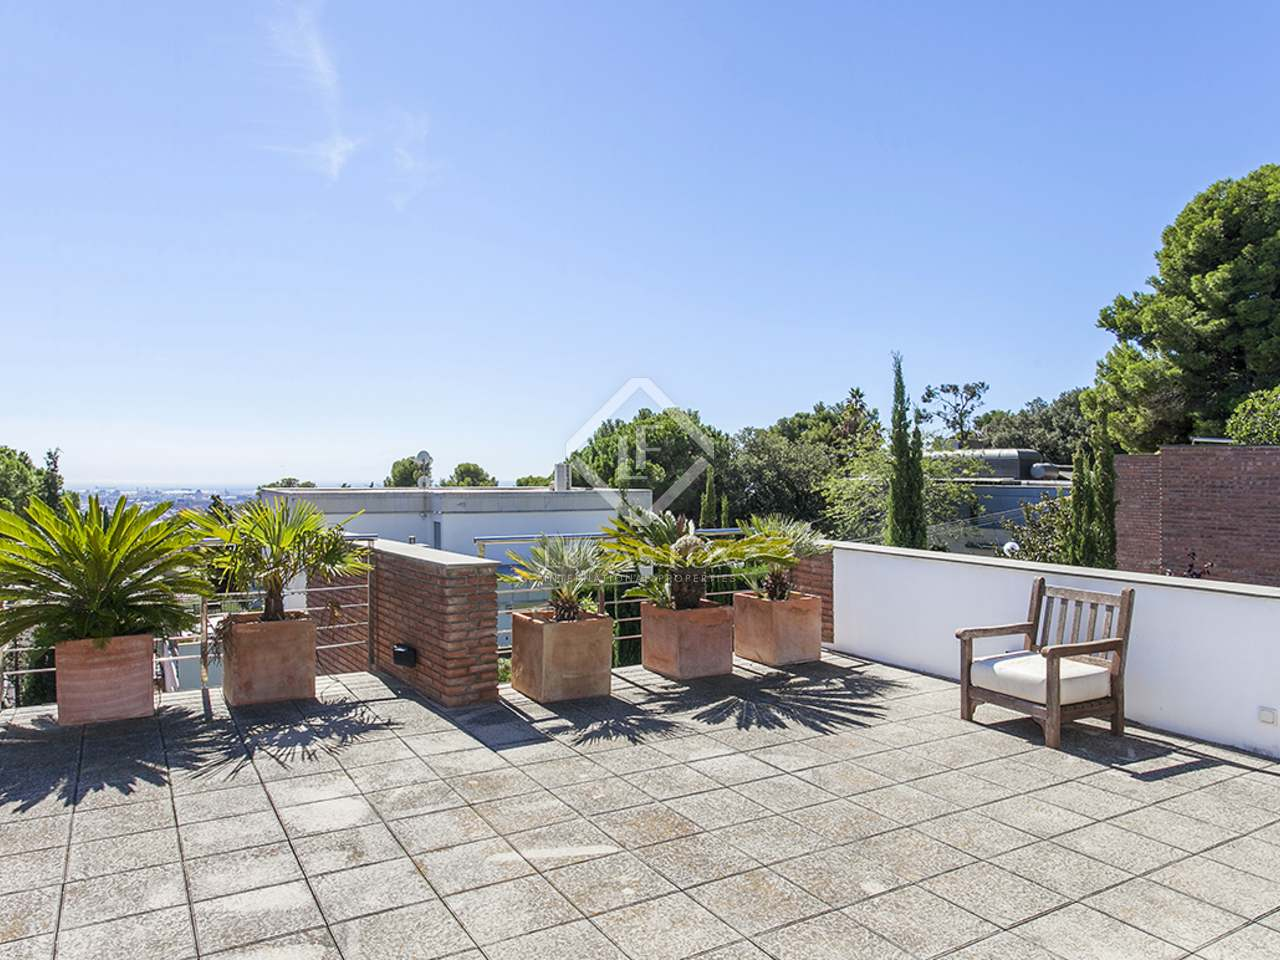 Maison de luxe en vente barcelone pedralbes zone haute for Piscine w barcelone